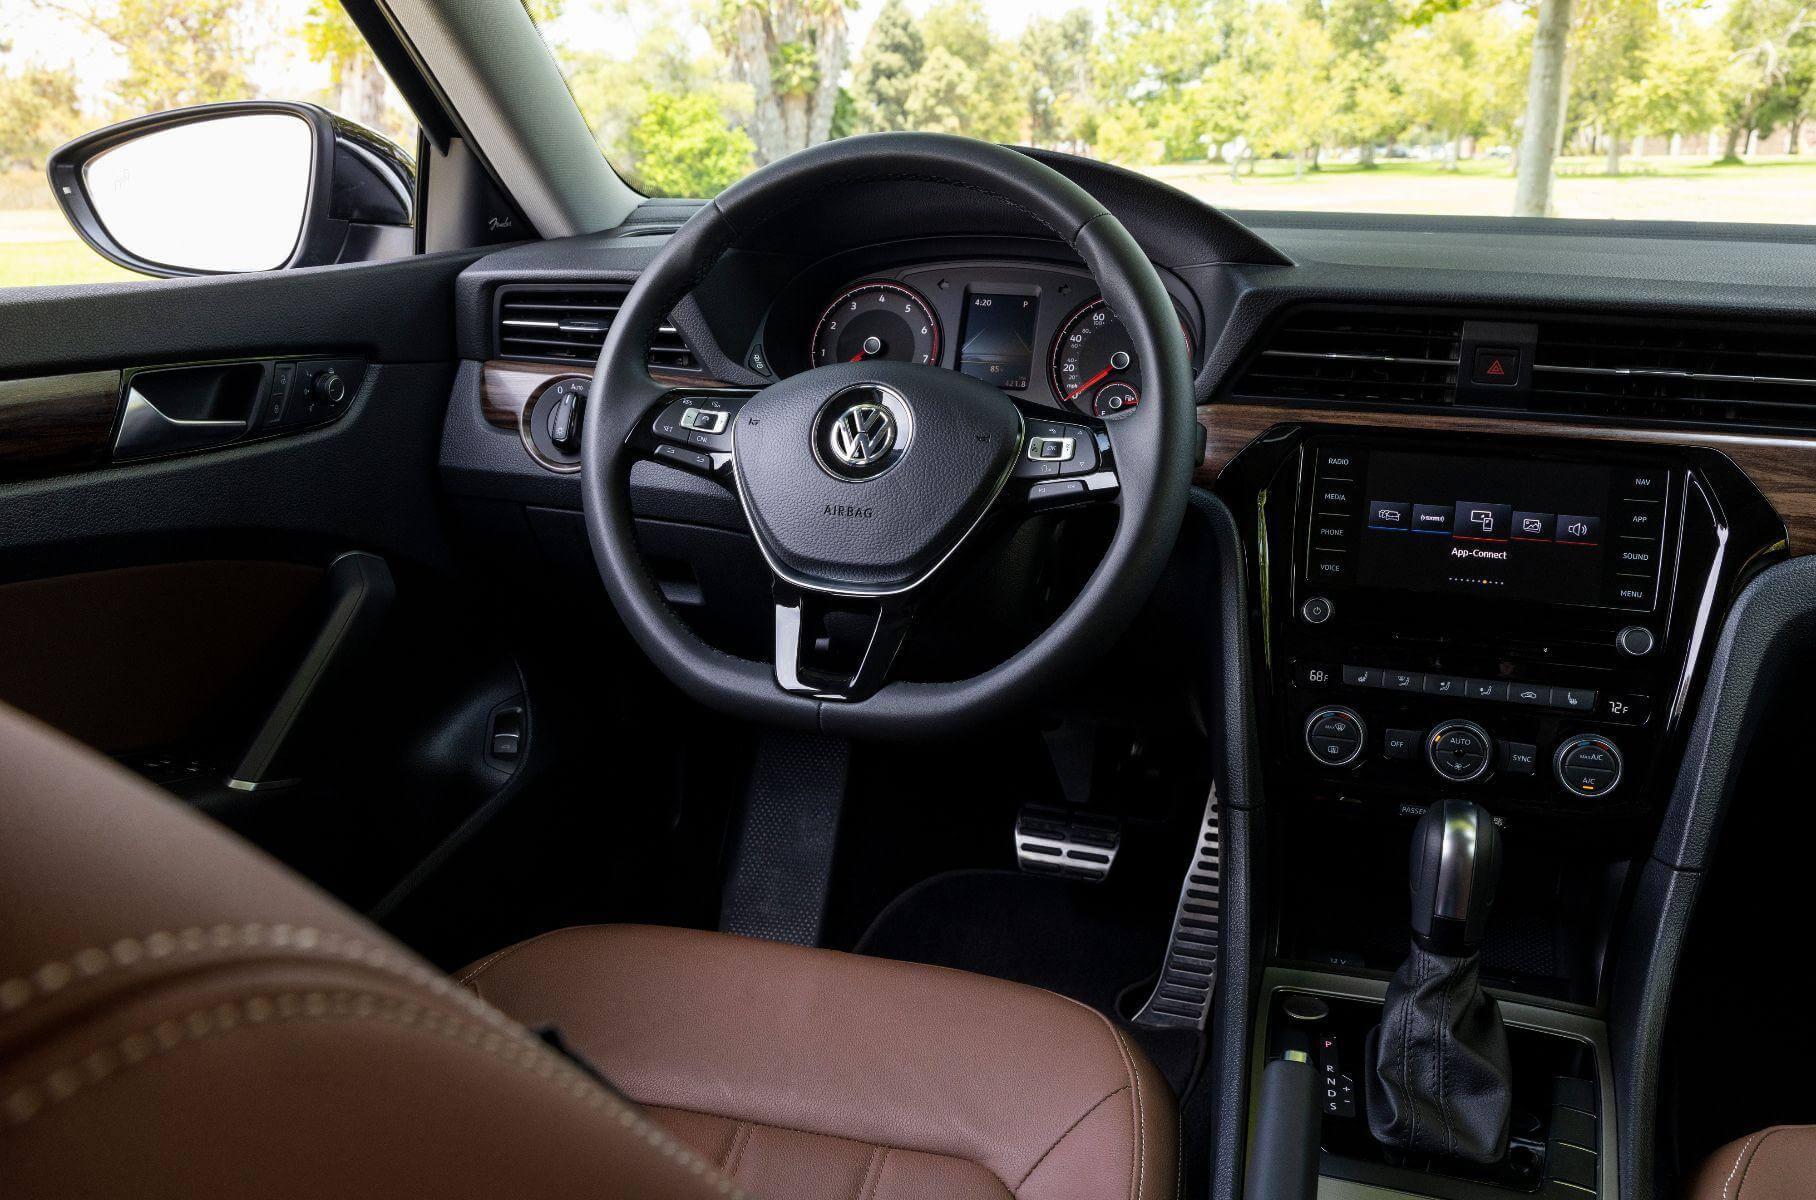 Volkswagen Passat Limited Edition